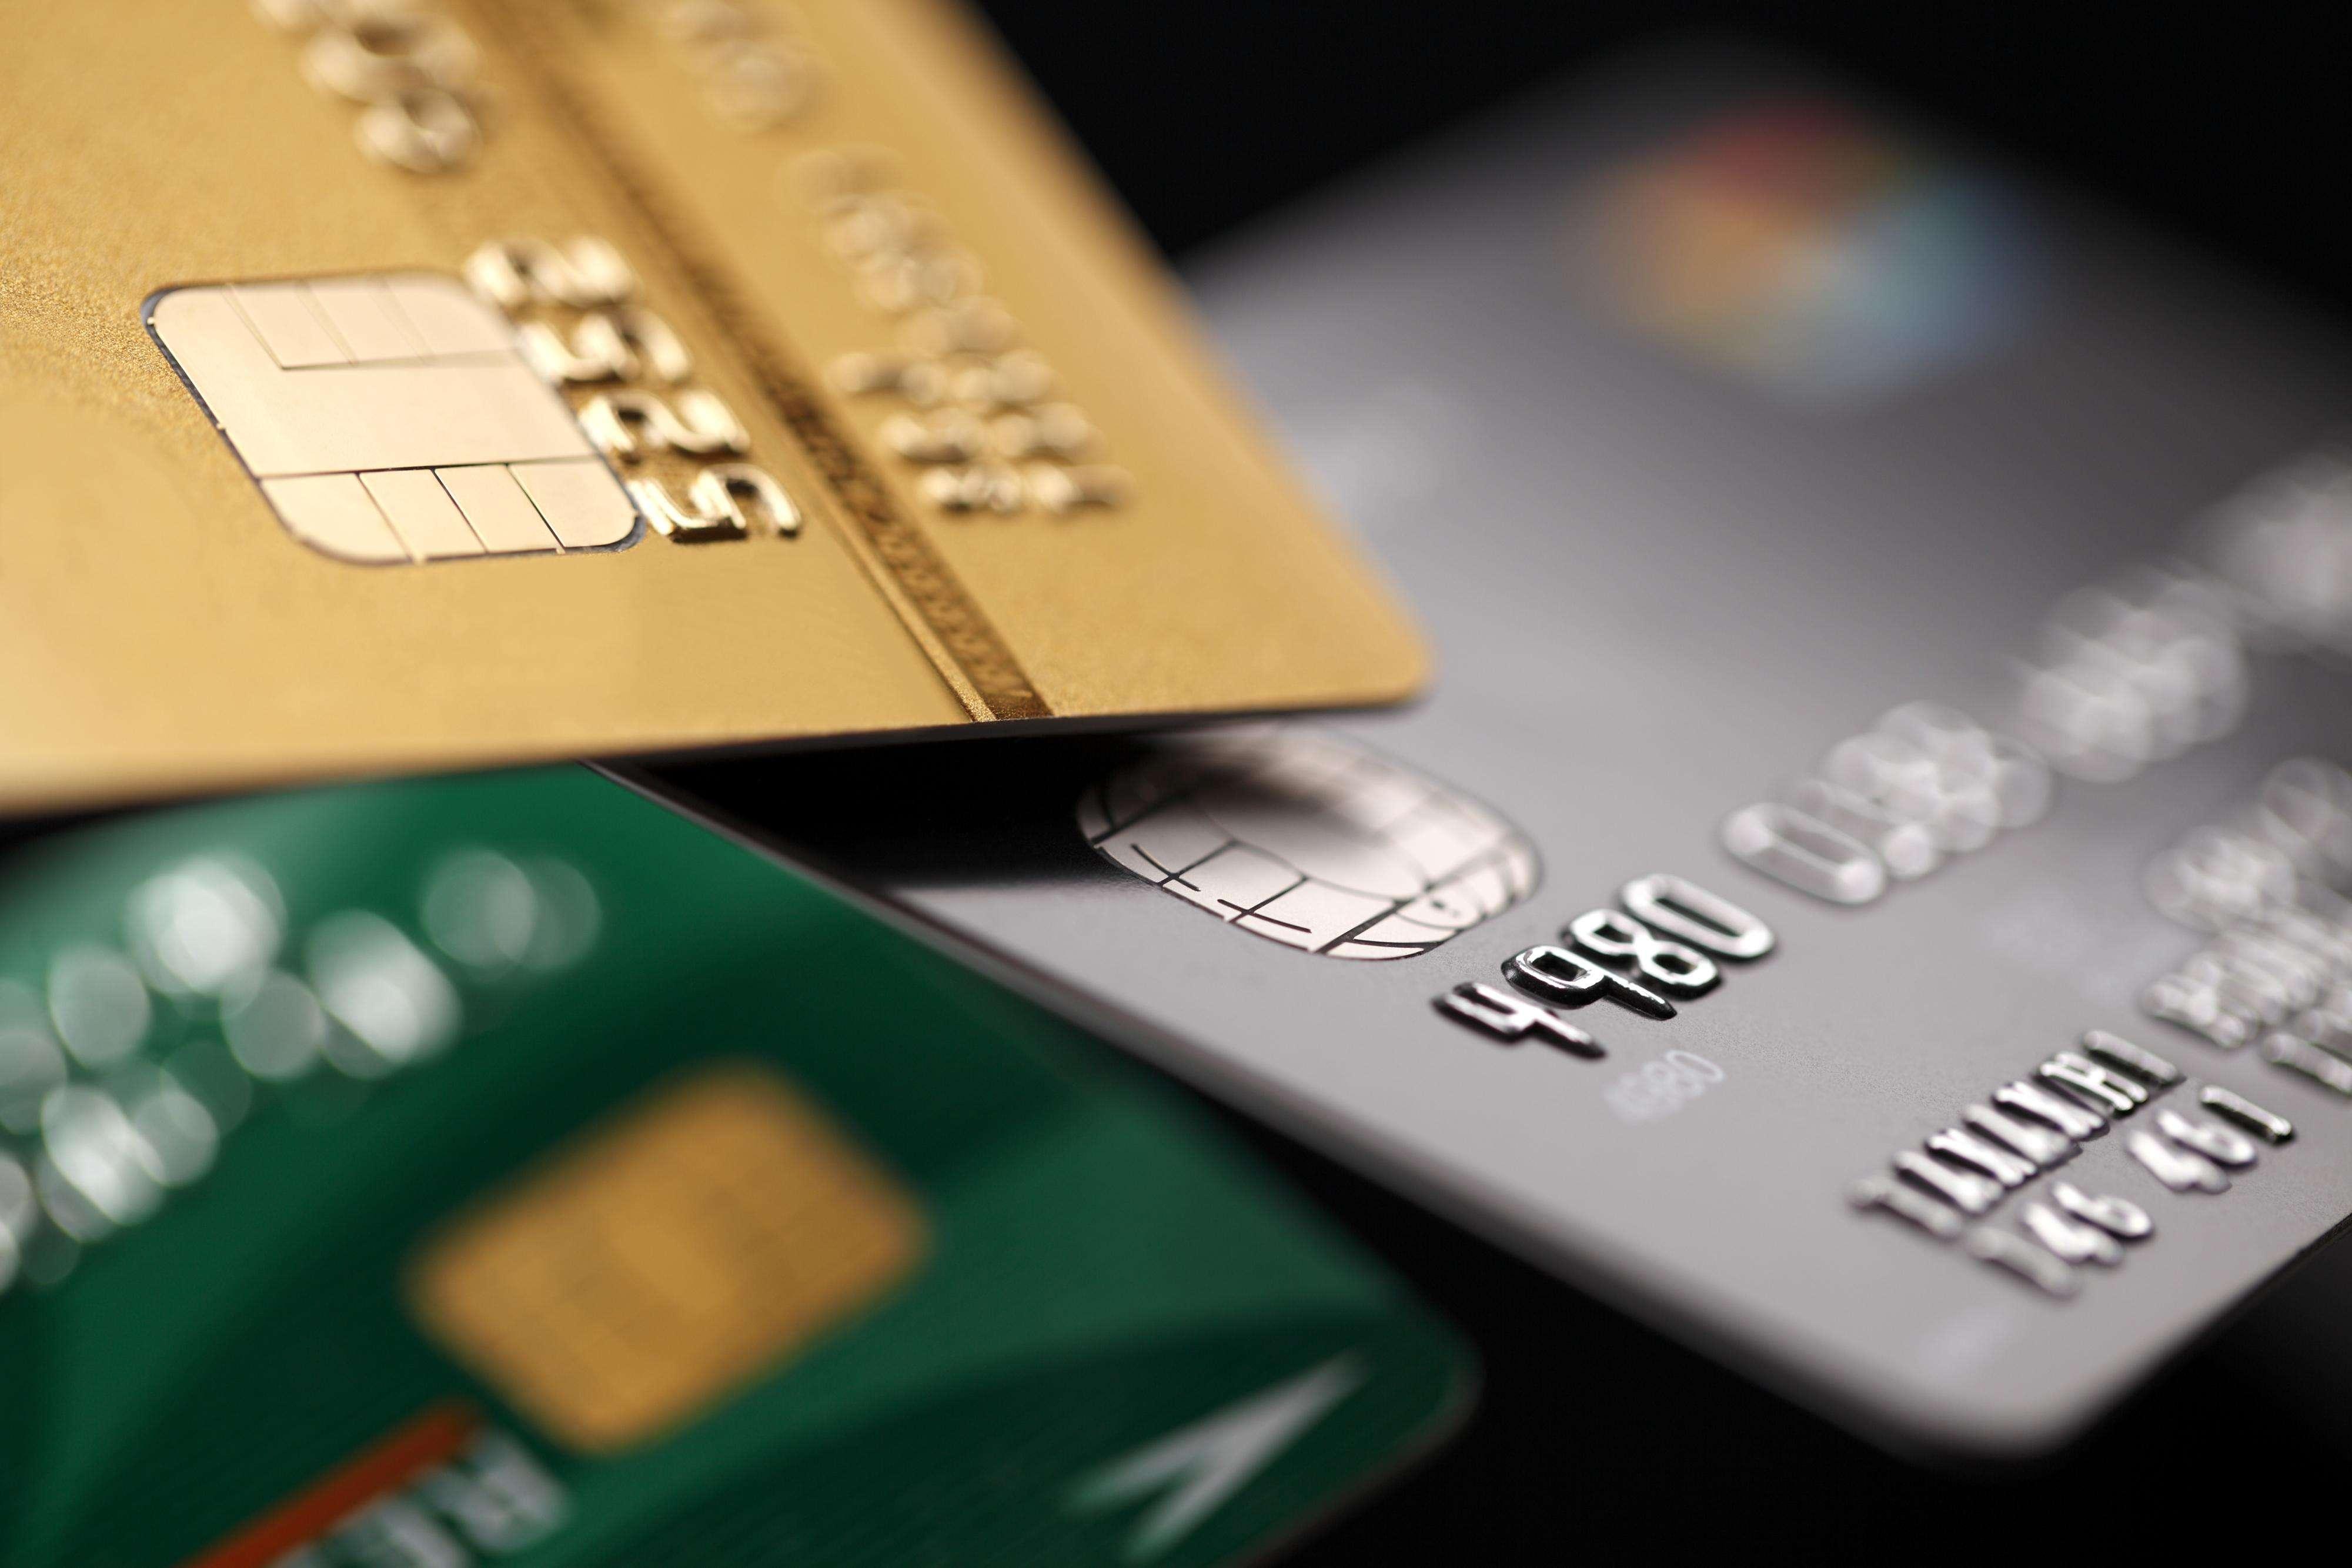 A loja pode pedir documento de identificação com foto para comprovar a identidade do consumidor Foto: Sumire8 /DollarPhoto